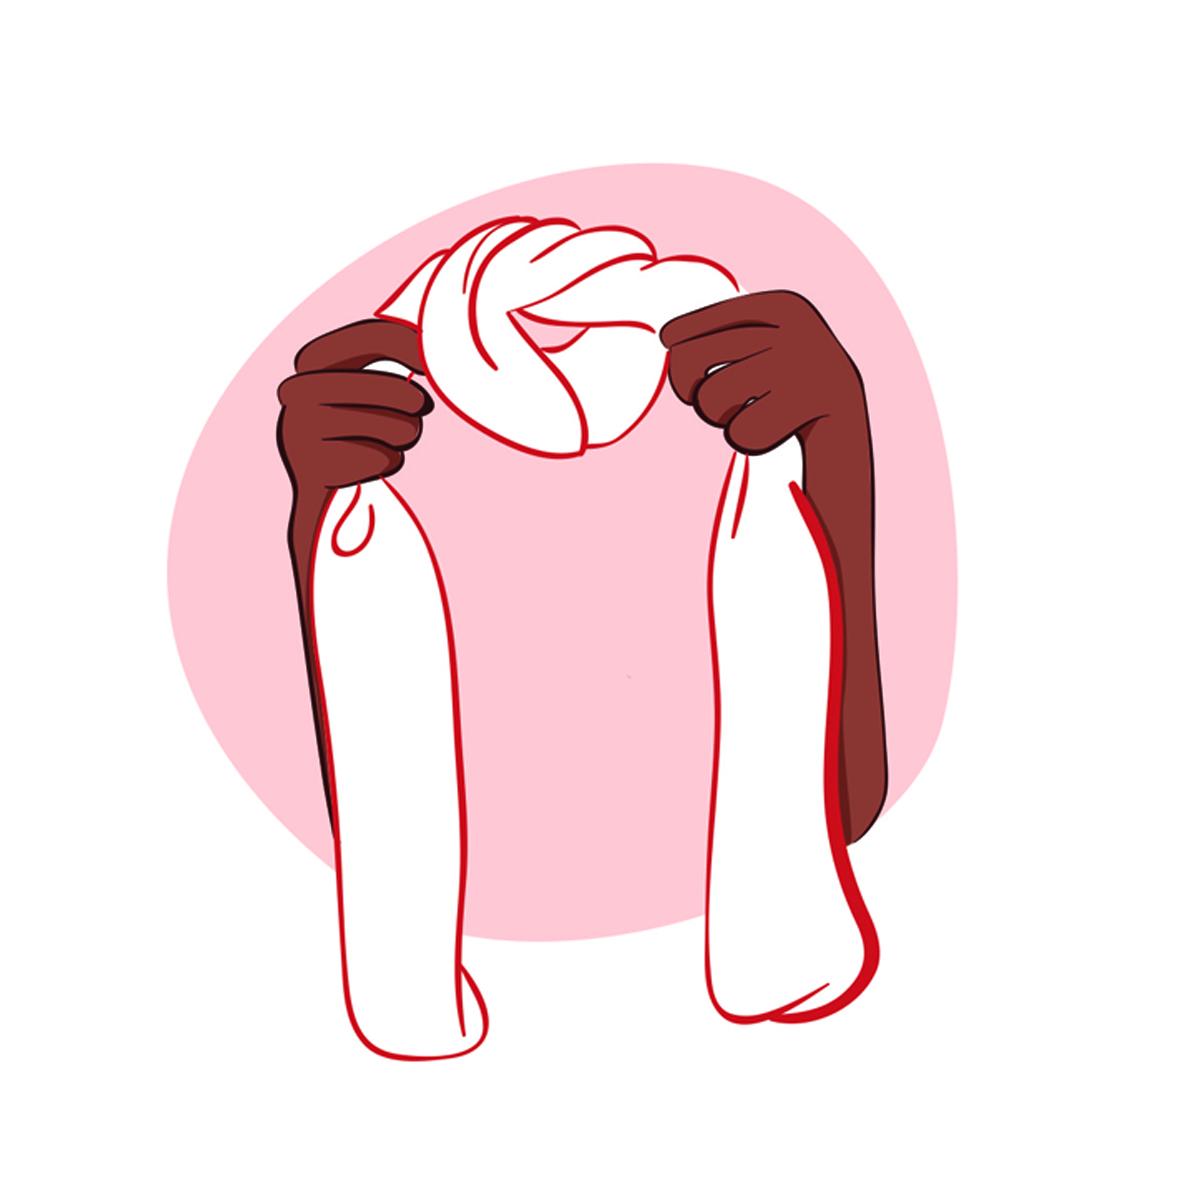 A tuto 2 foulard - anform magazine santé bien-être